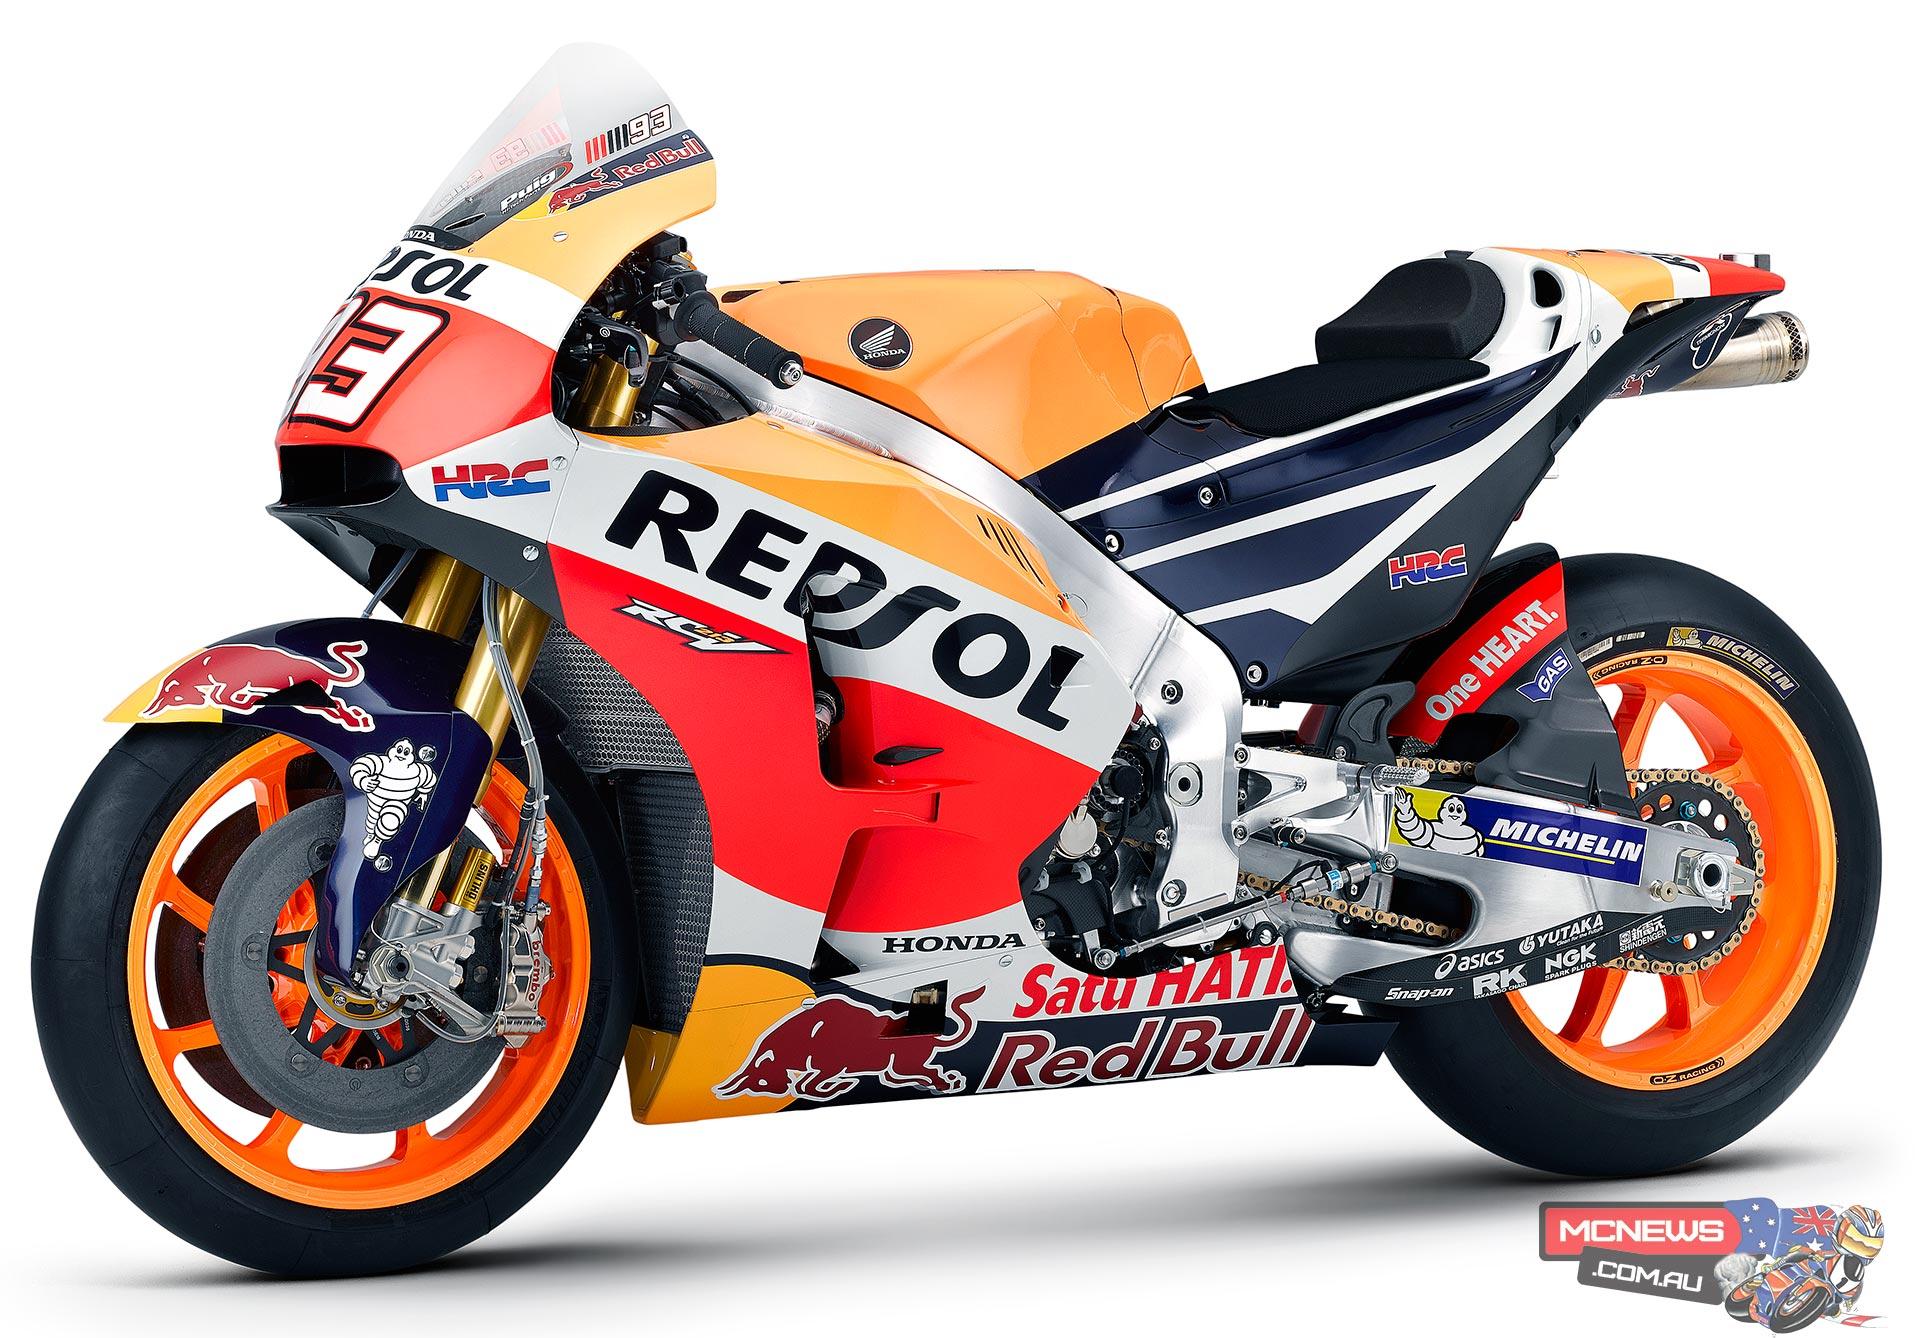 2016 Honda RC213V MotoGP